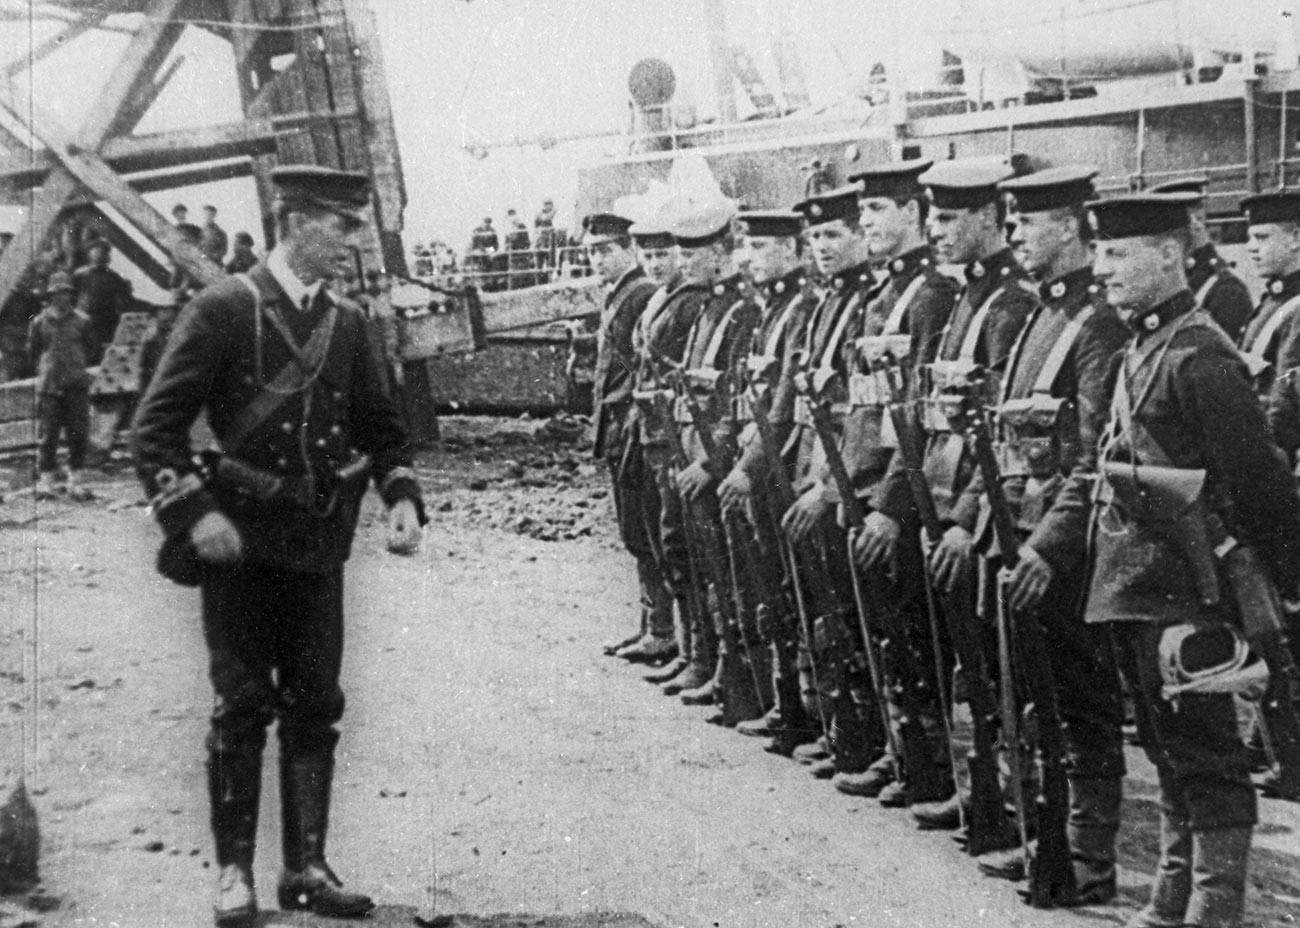 Bürgerkrieg und ausländische Intervention in Russland (1918-1921). Französische Invasoren in Odessa. März 1919.